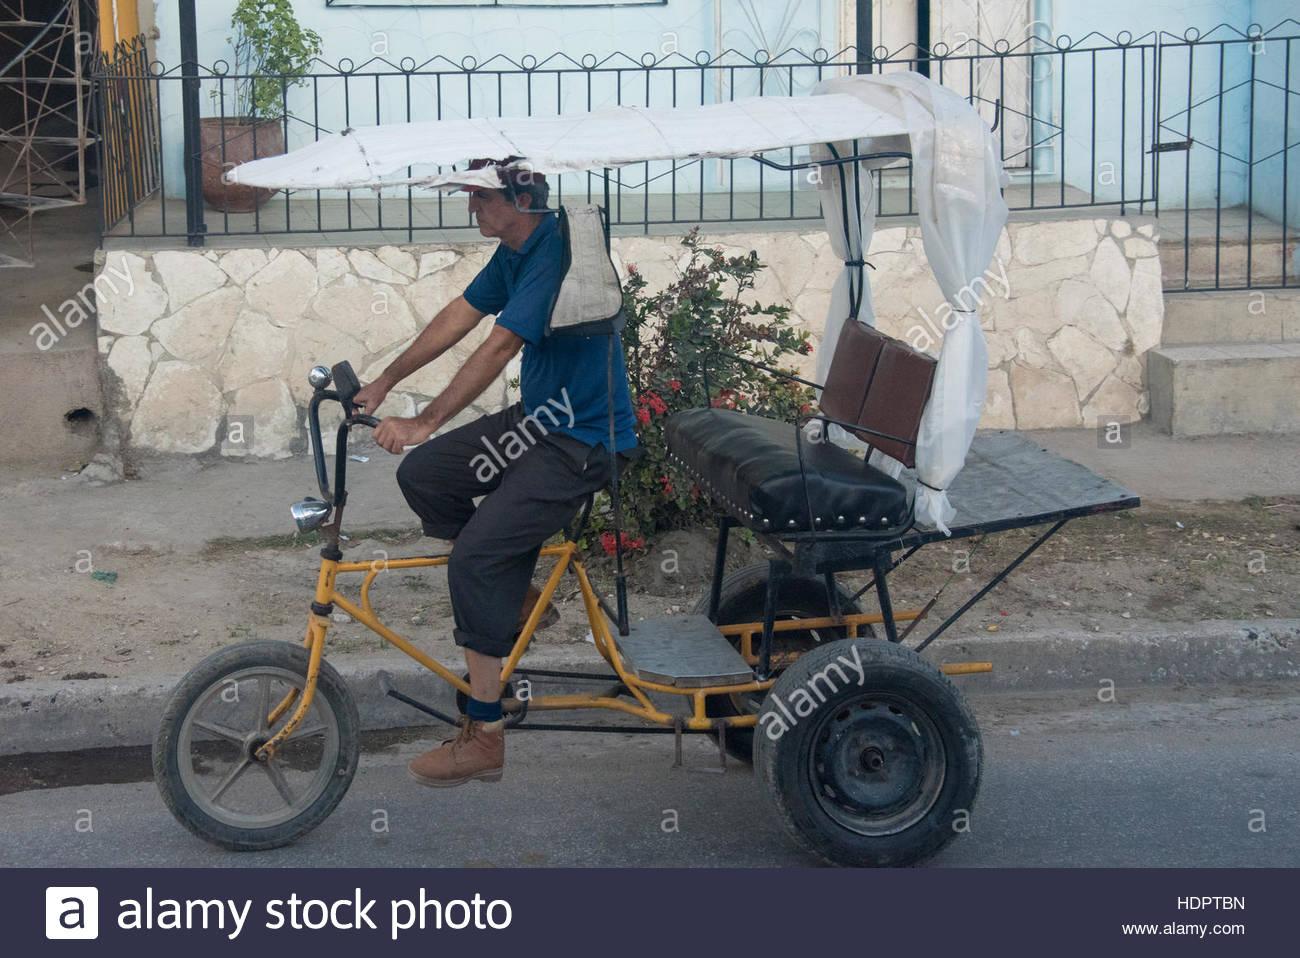 Bicitaxi de transport urbain de passagers. Vie quotidienne du peuple cubain de détails. Le pays tropical dispose Photo Stock